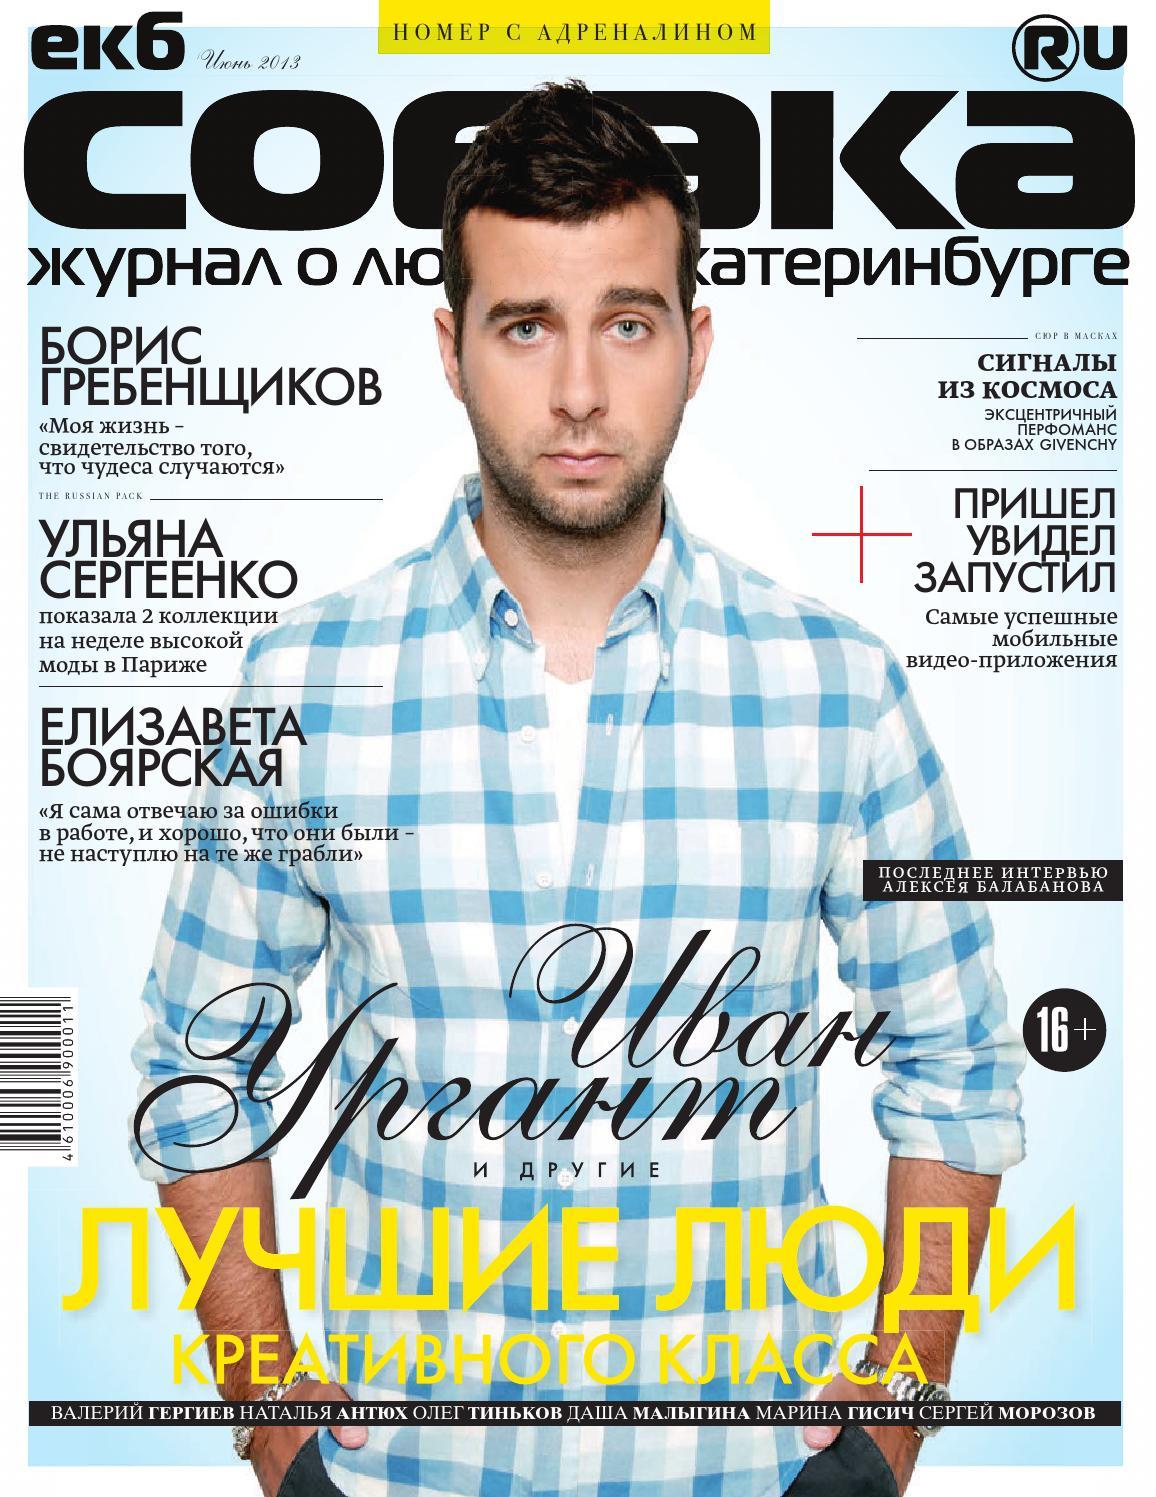 d4c2de6d3cda ЕКБ.Собака.ru   июнь 2013 by екб.собака.ru - issuu